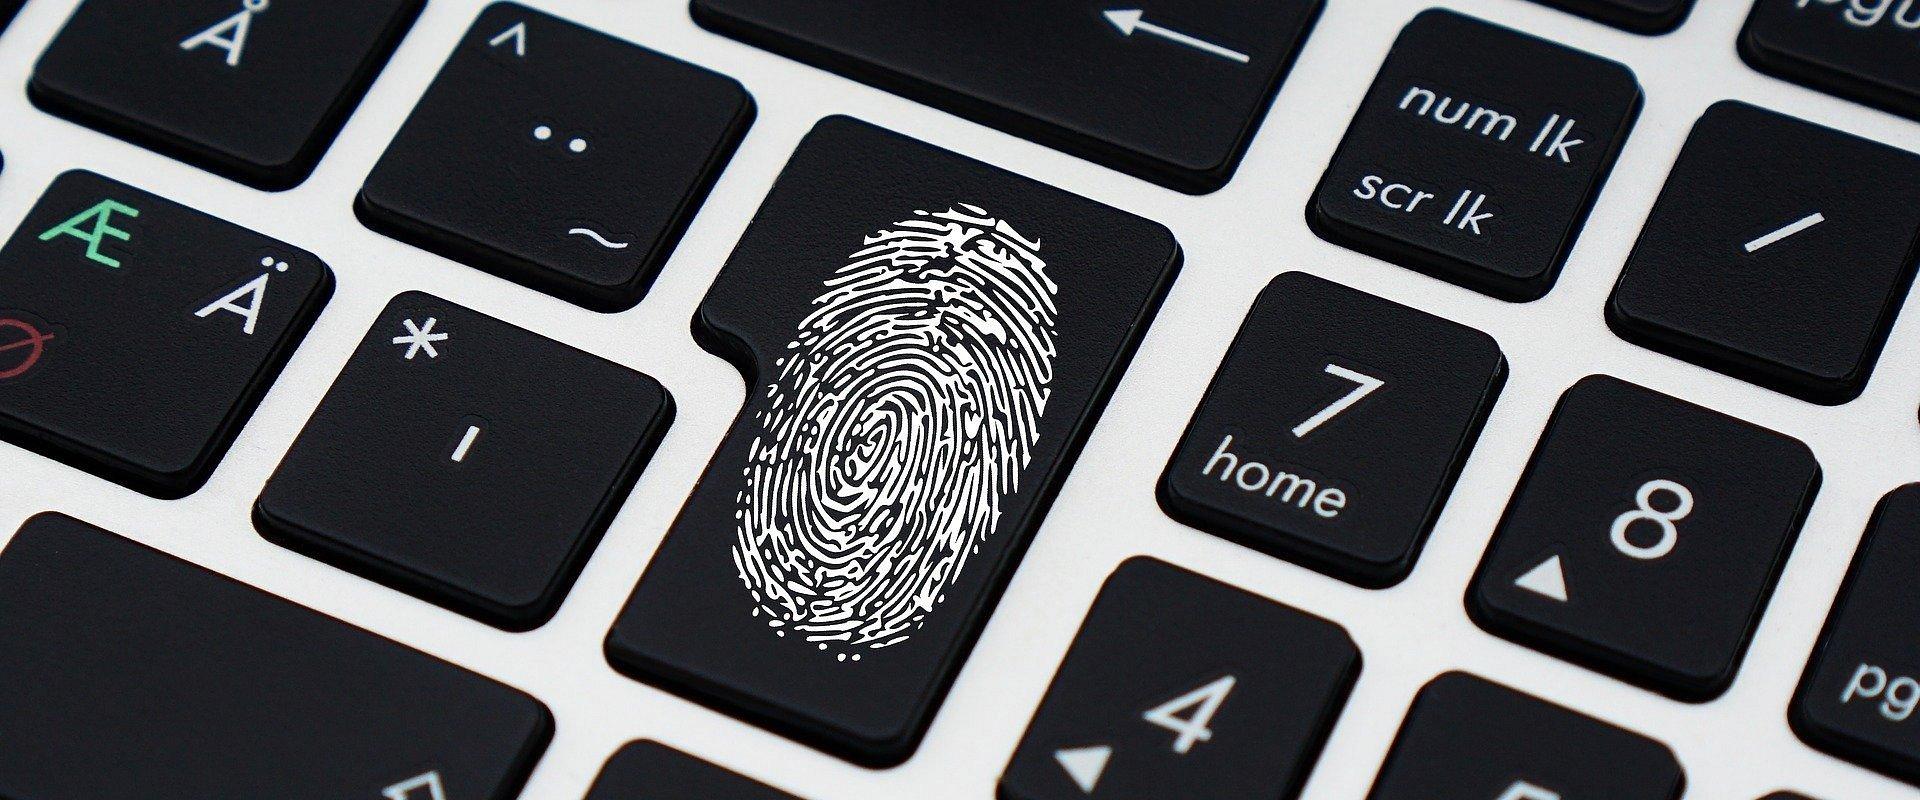 Koalicja Przeciwko Stalkerware: branża IT łączy siły